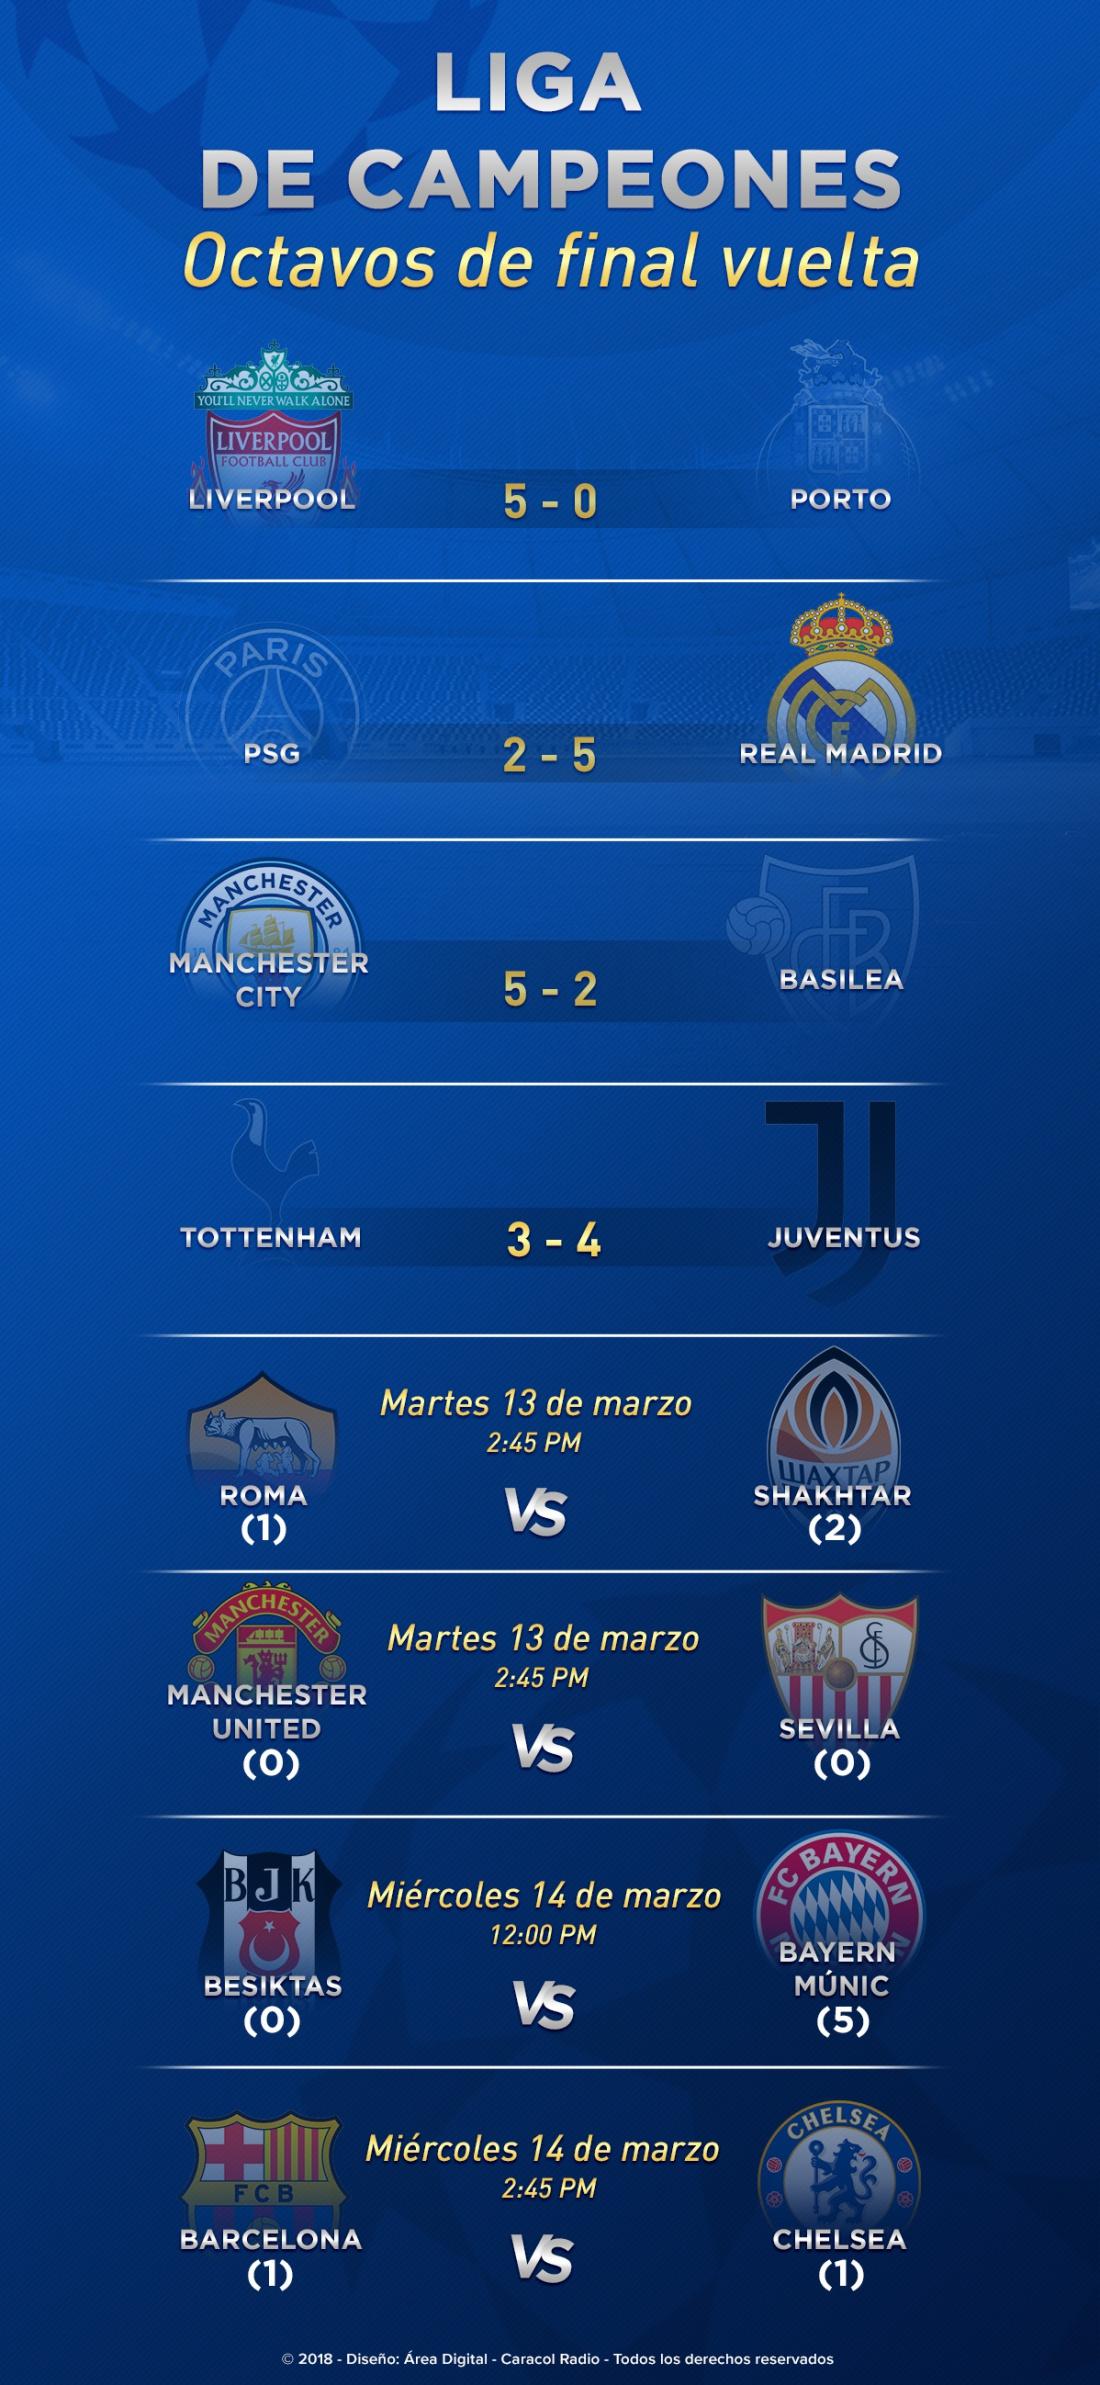 Octavos de final vuelta Liga de Campeones: Prográmese con los juegos de vuelta en los octavos de final de la Champions